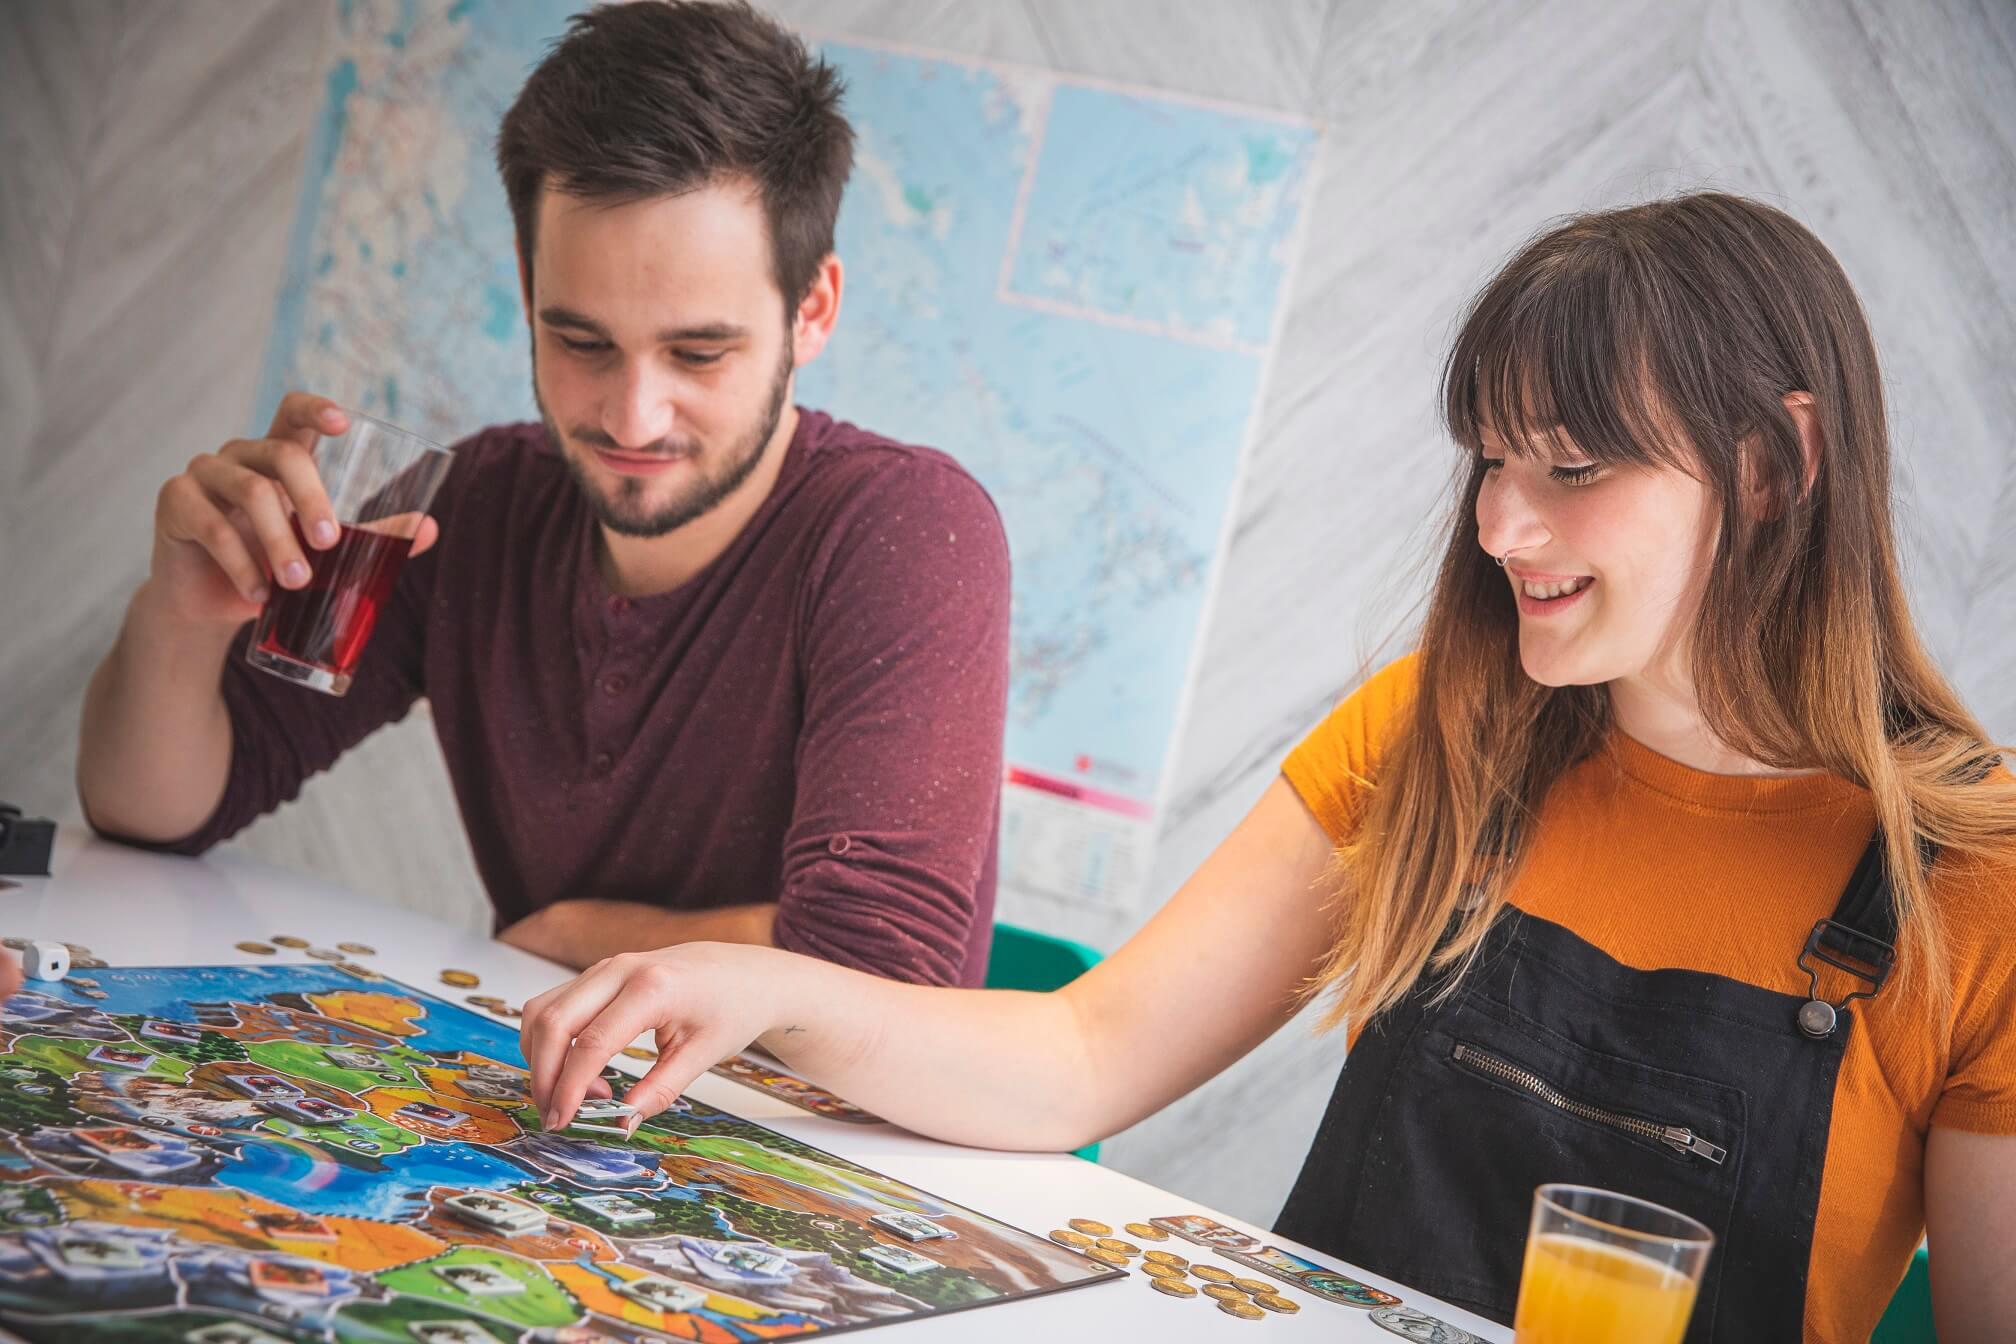 Rozgrywka w Small World grę planszową - dorośli